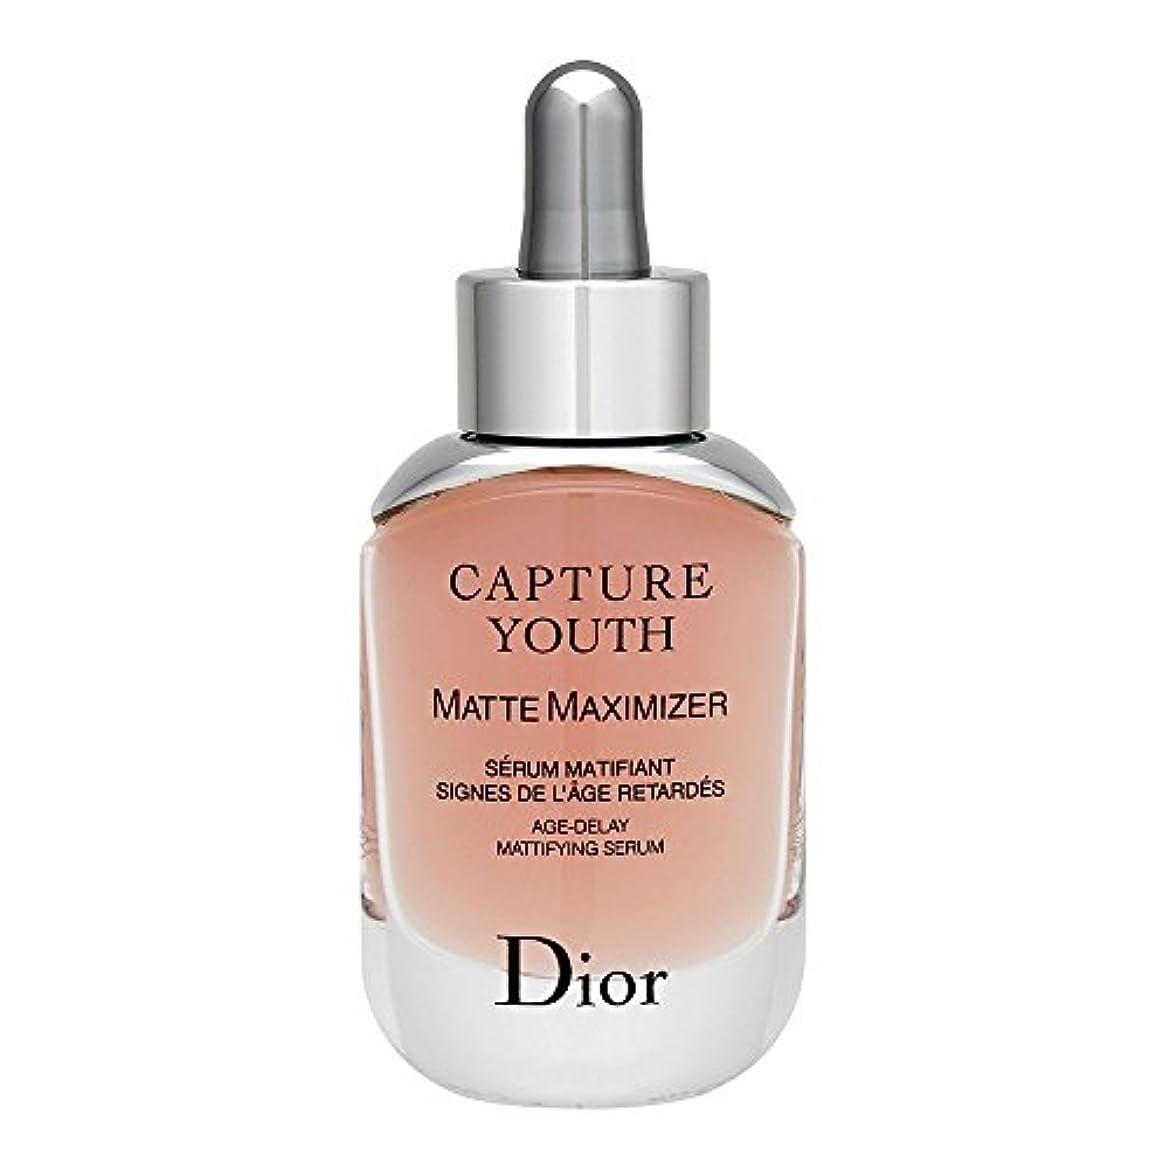 便宜赤小数クリスチャンディオール Christian Dior カプチュール ユース マット マキシマイザー 30mL [並行輸入品]